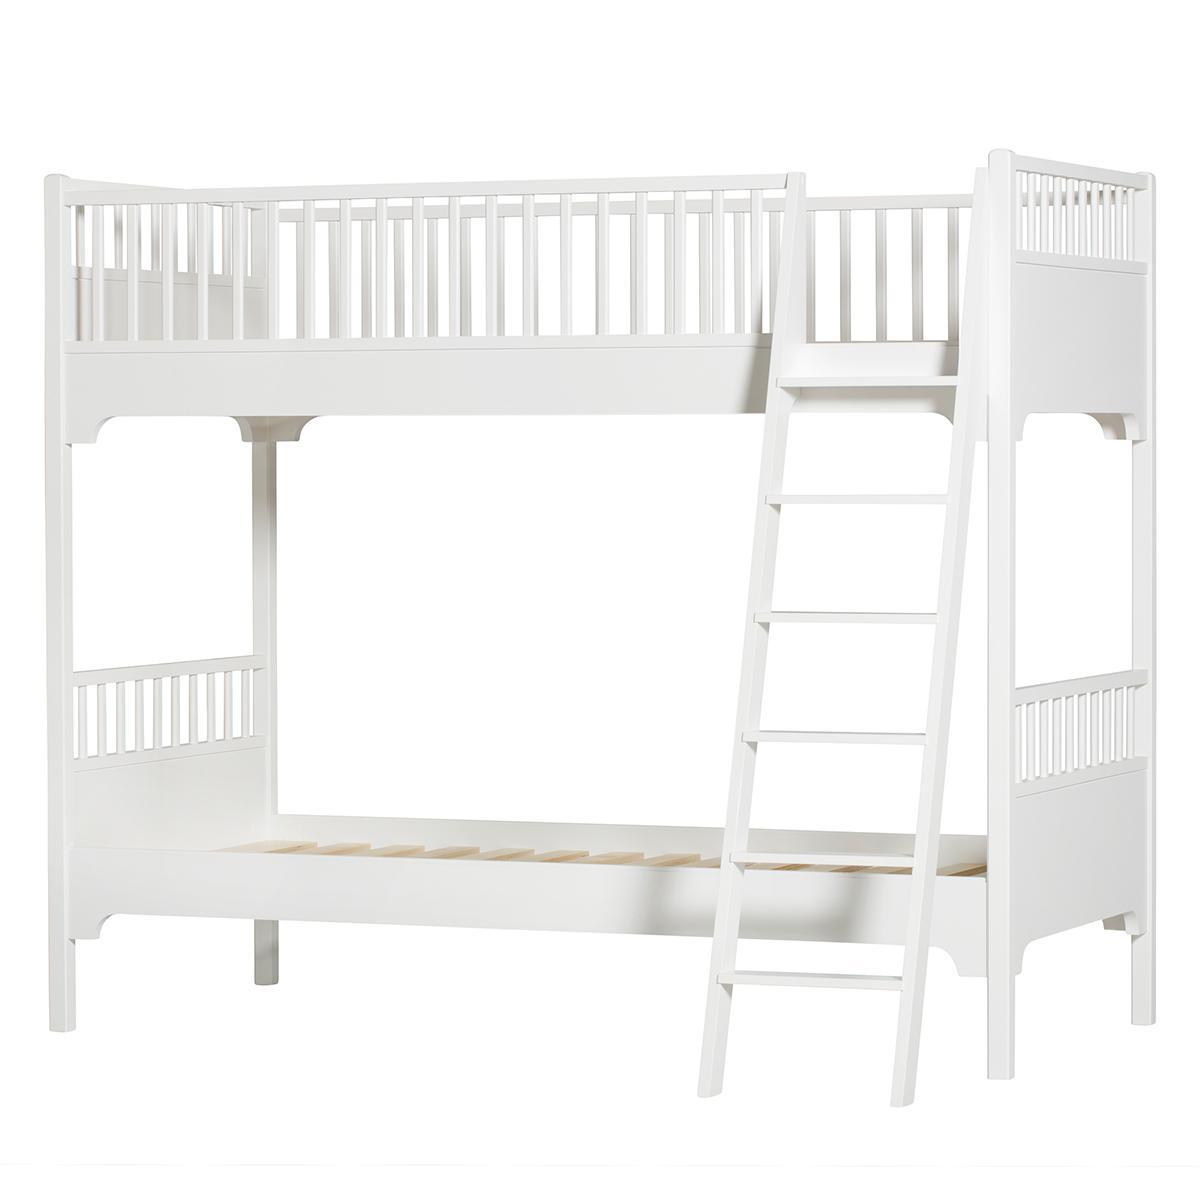 Lit superposé 90x200 cm échelle inclinée SEASIDE CLASSIC Oliver Furniture blanc